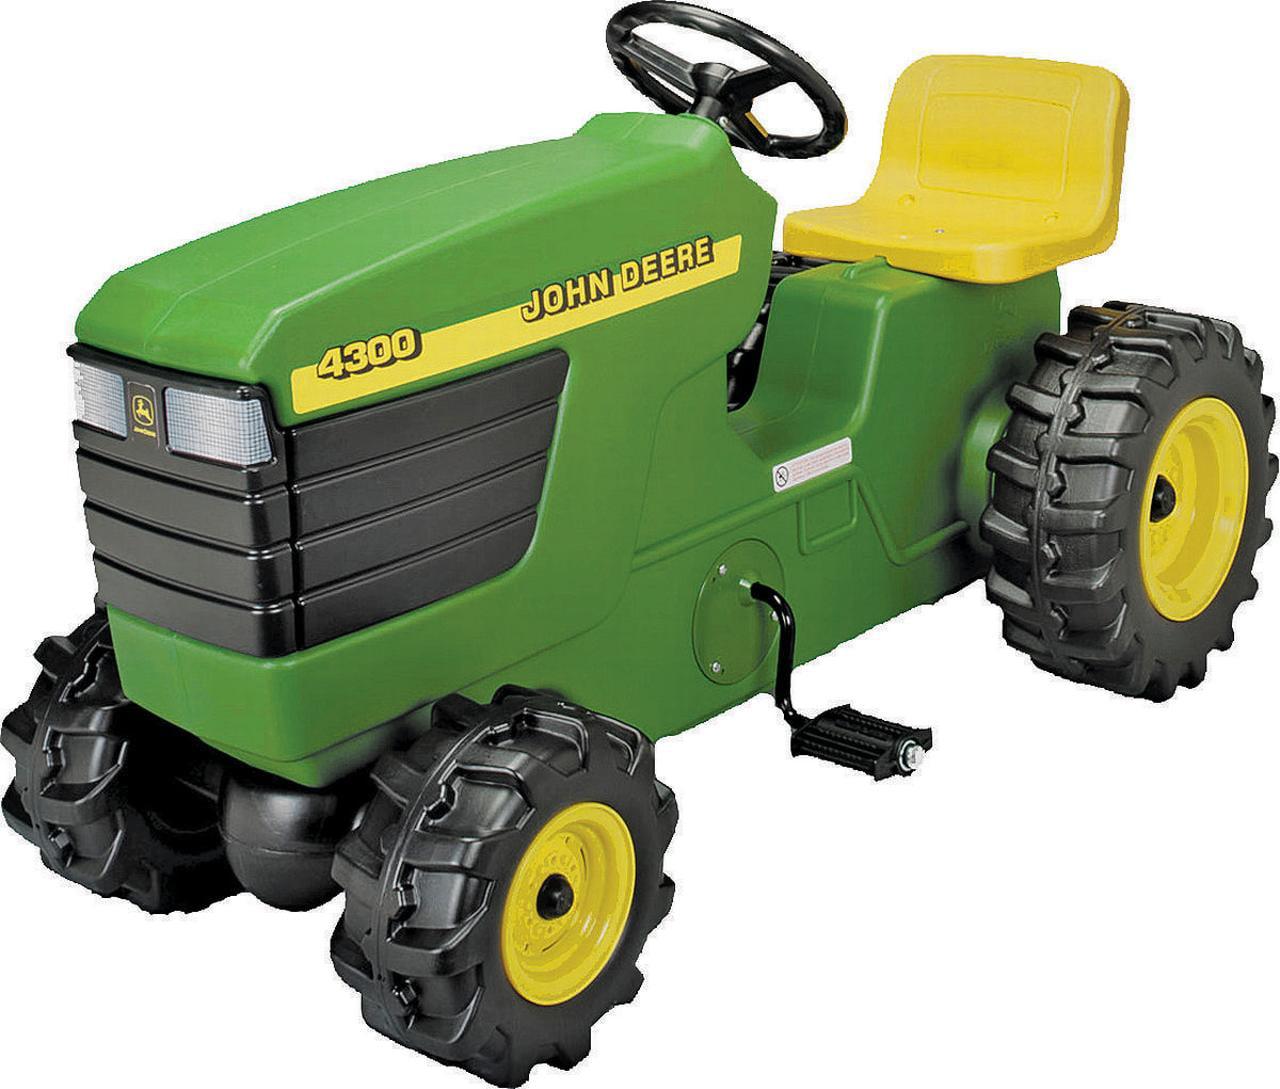 john deere plastic pedal tractor - walmart